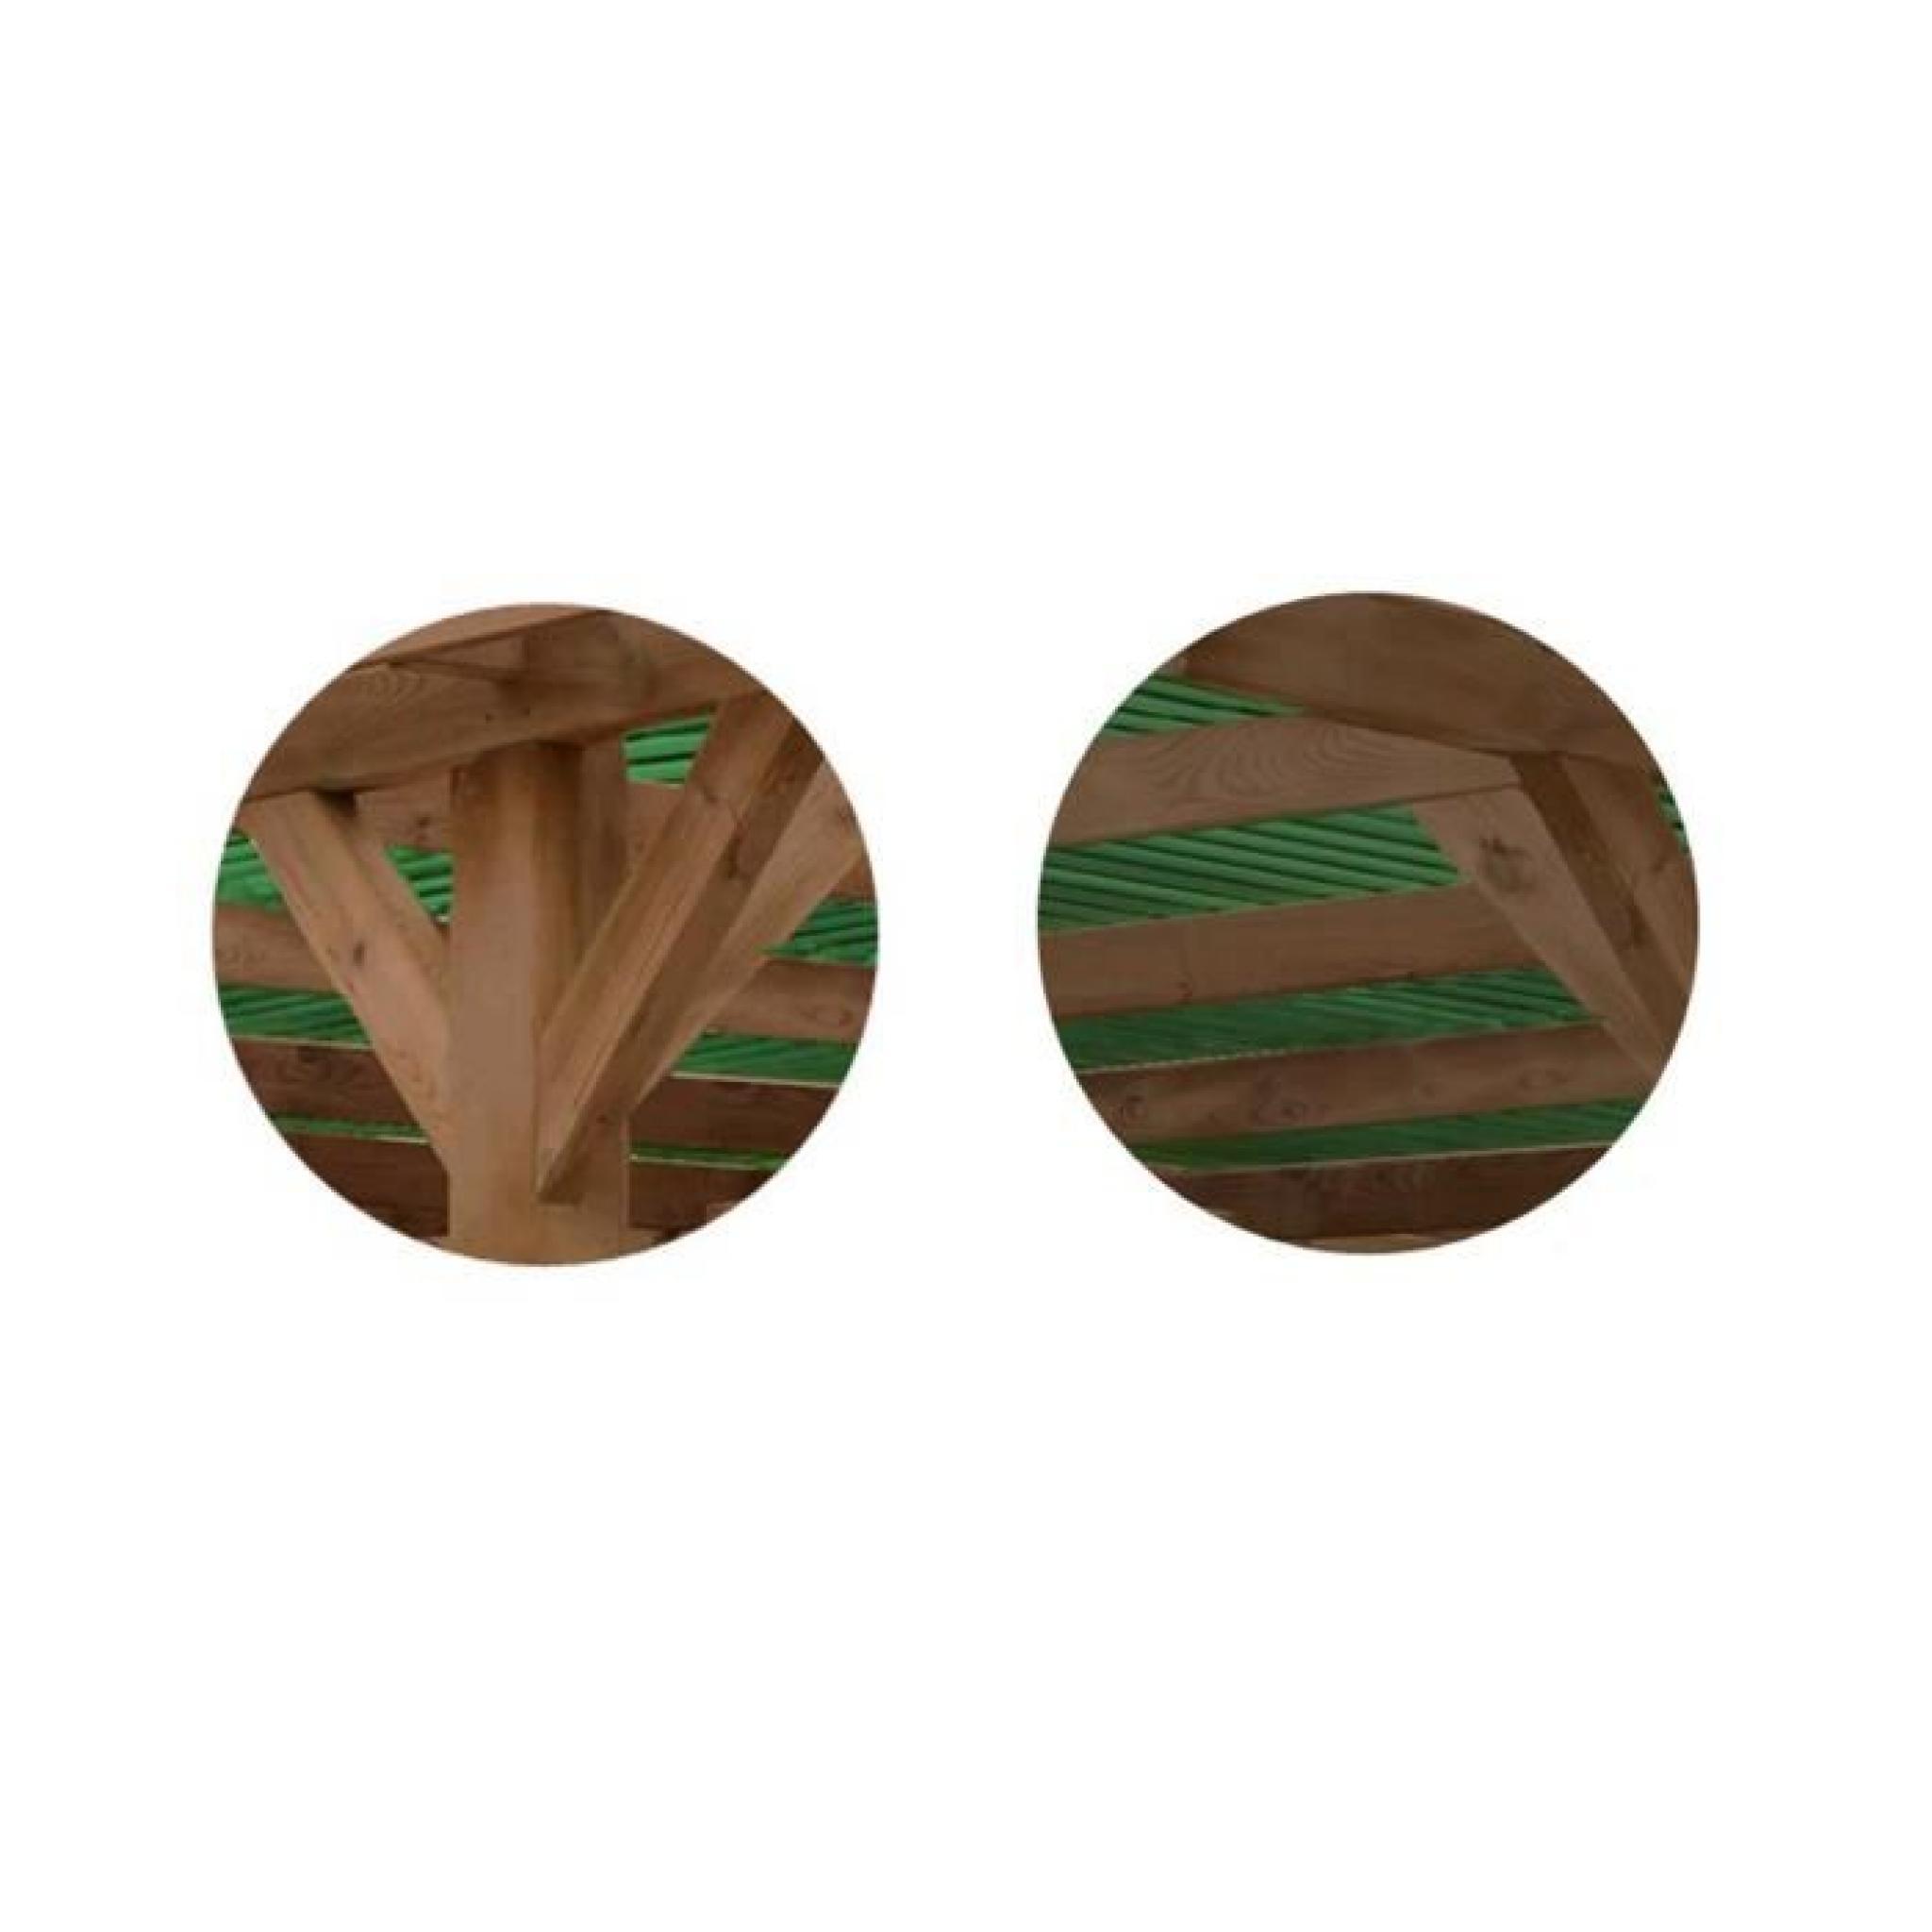 Carport bois trait marron 15 56m achat vente carport en bois pas cher c - Carport en bois pas cher ...